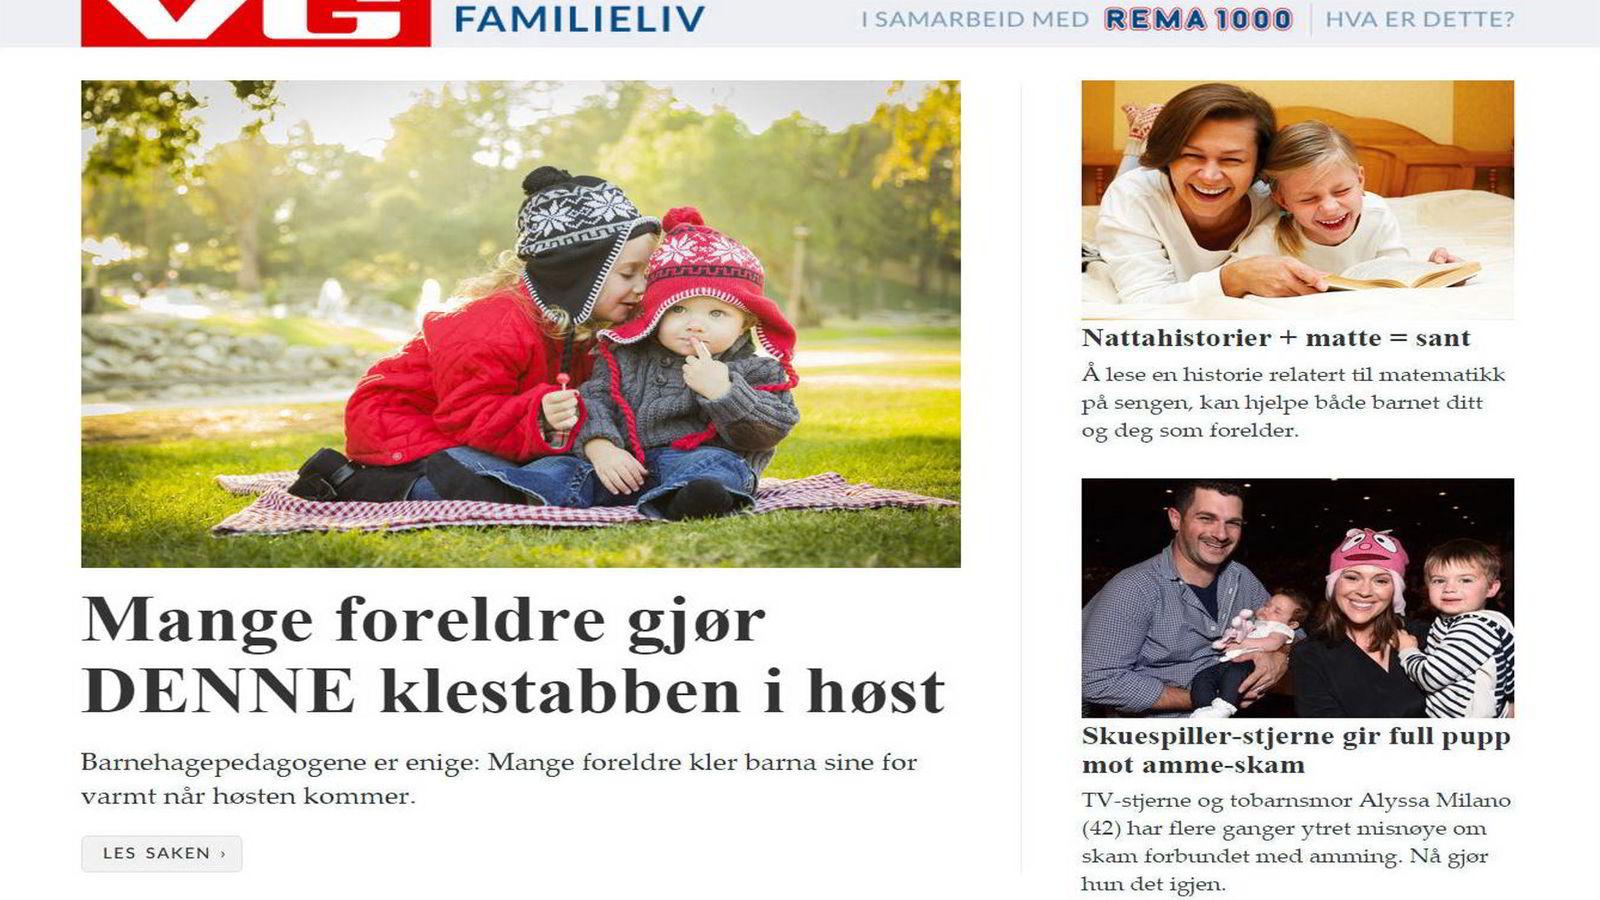 Slik ser den Rema1000-sponsede seksjonen på VG.no ut nå. (Skjermedump)